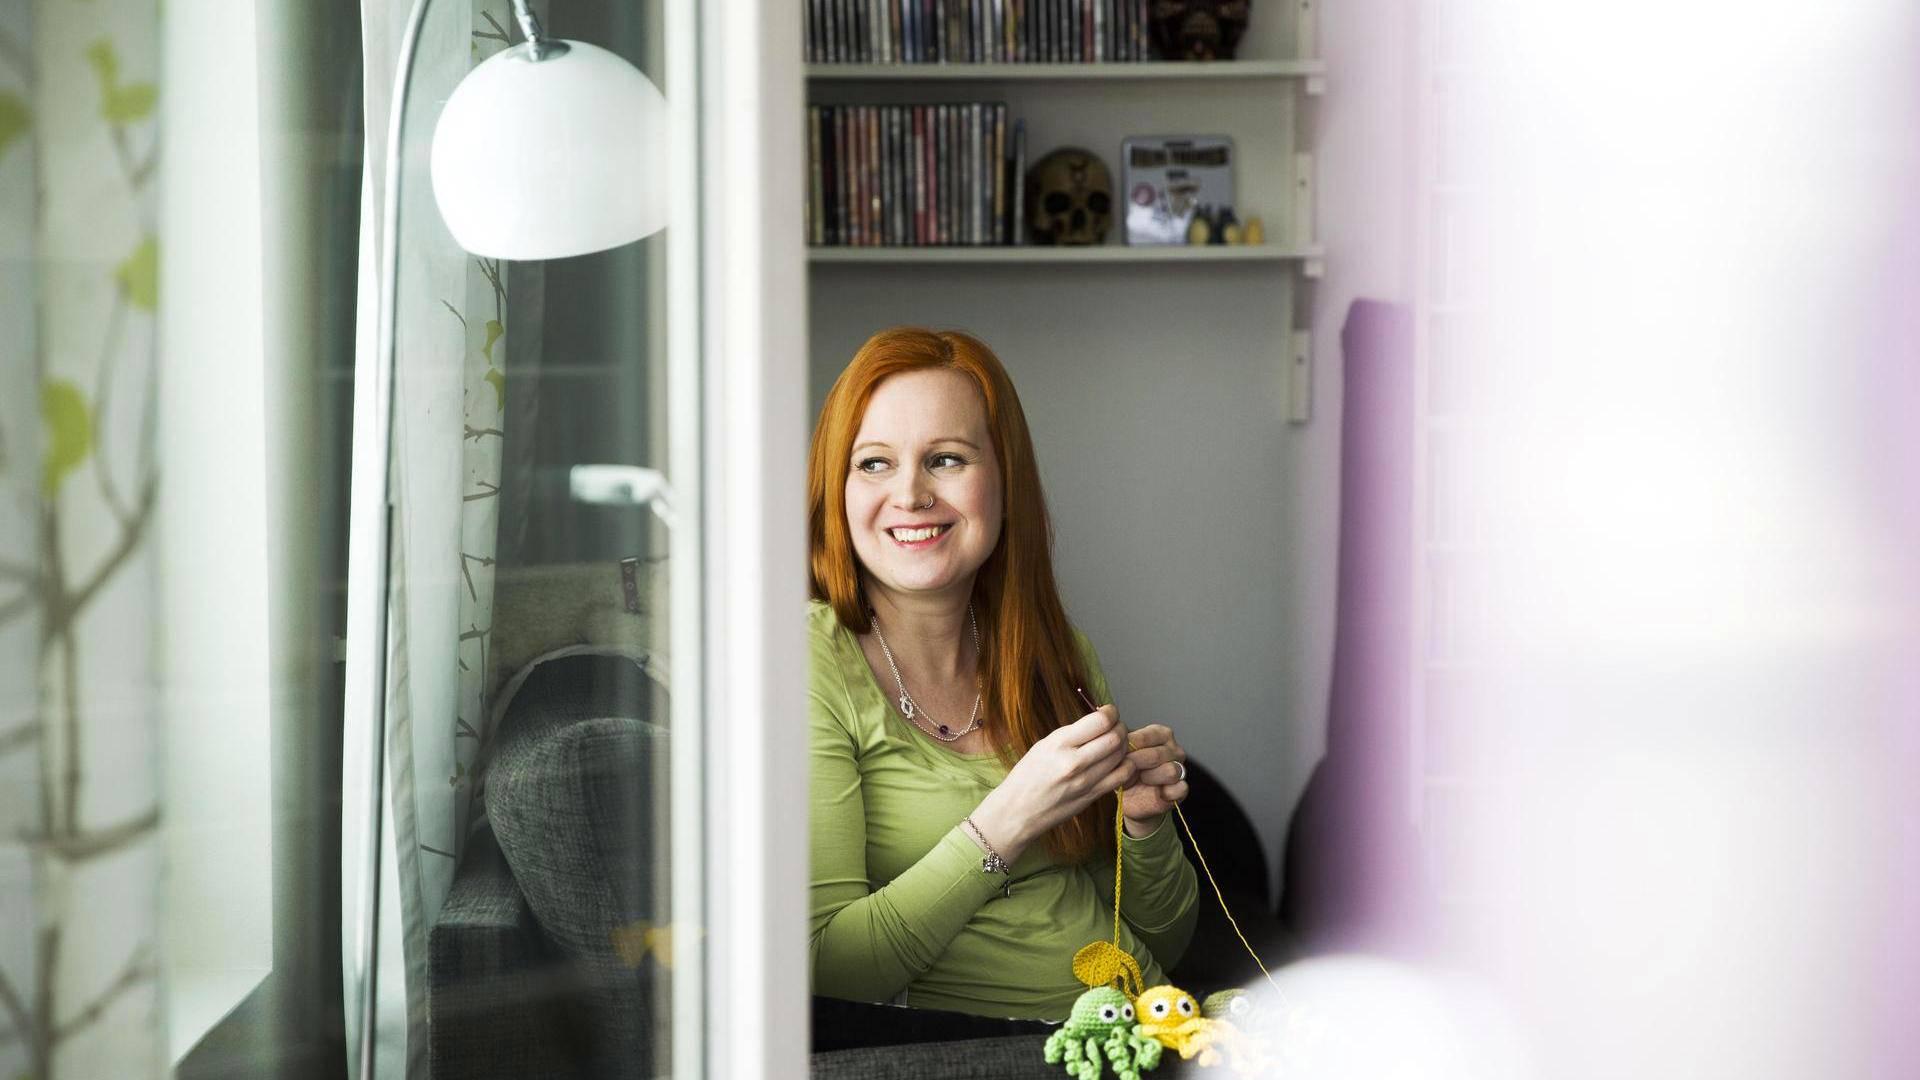 Annika Pakkanen virkkasi ensimmäisen turvalonkeron keskosena syntyneelle tyttärelleen.